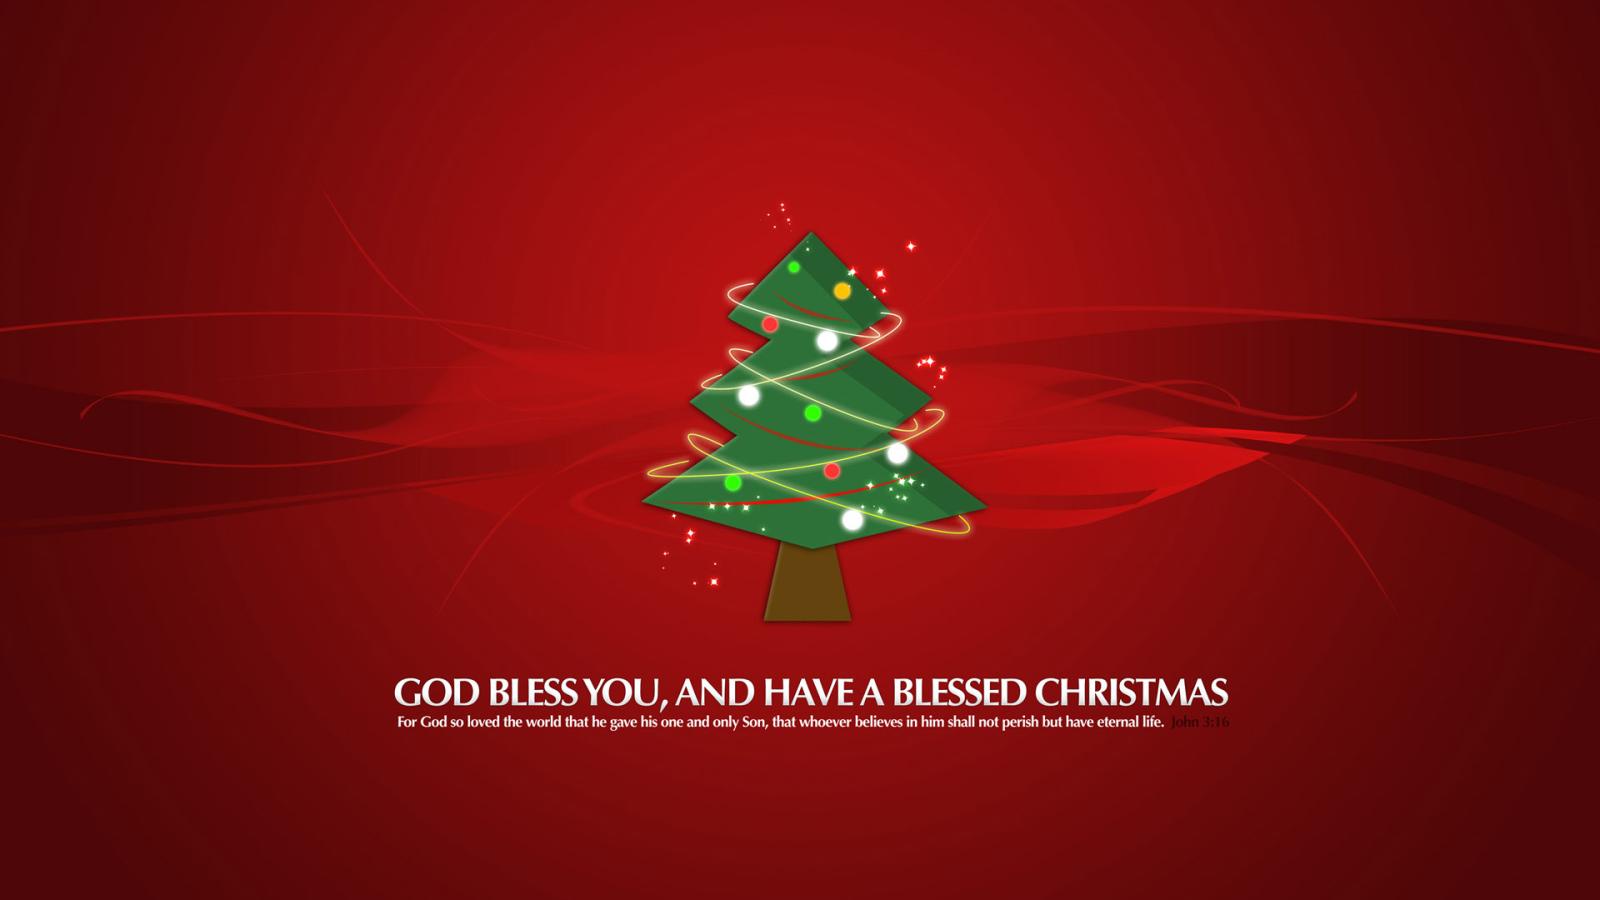 Holidays Christmas wallpapers Christmas Cards 1600x900 1600x900